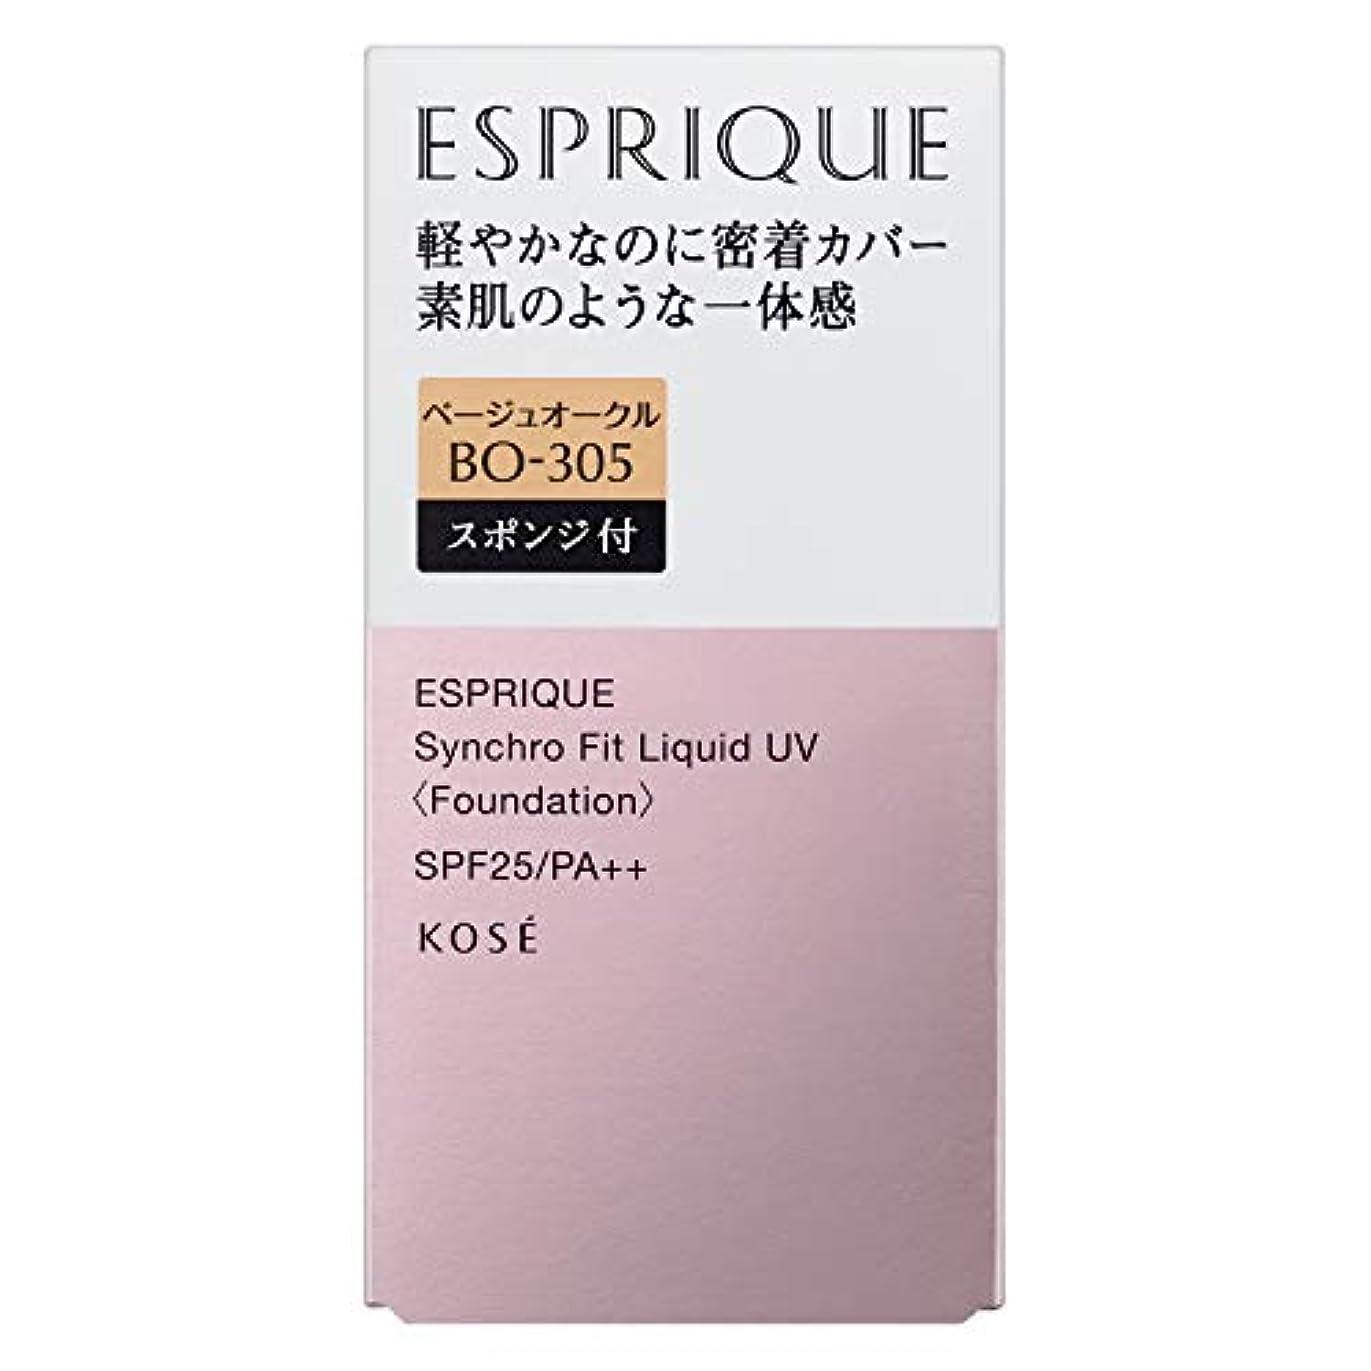 無倒錯聴くESPRIQUE(エスプリーク) エスプリーク シンクロフィット リキッド UV ファンデーション 無香料 BO-305 ベージュオークル 30g